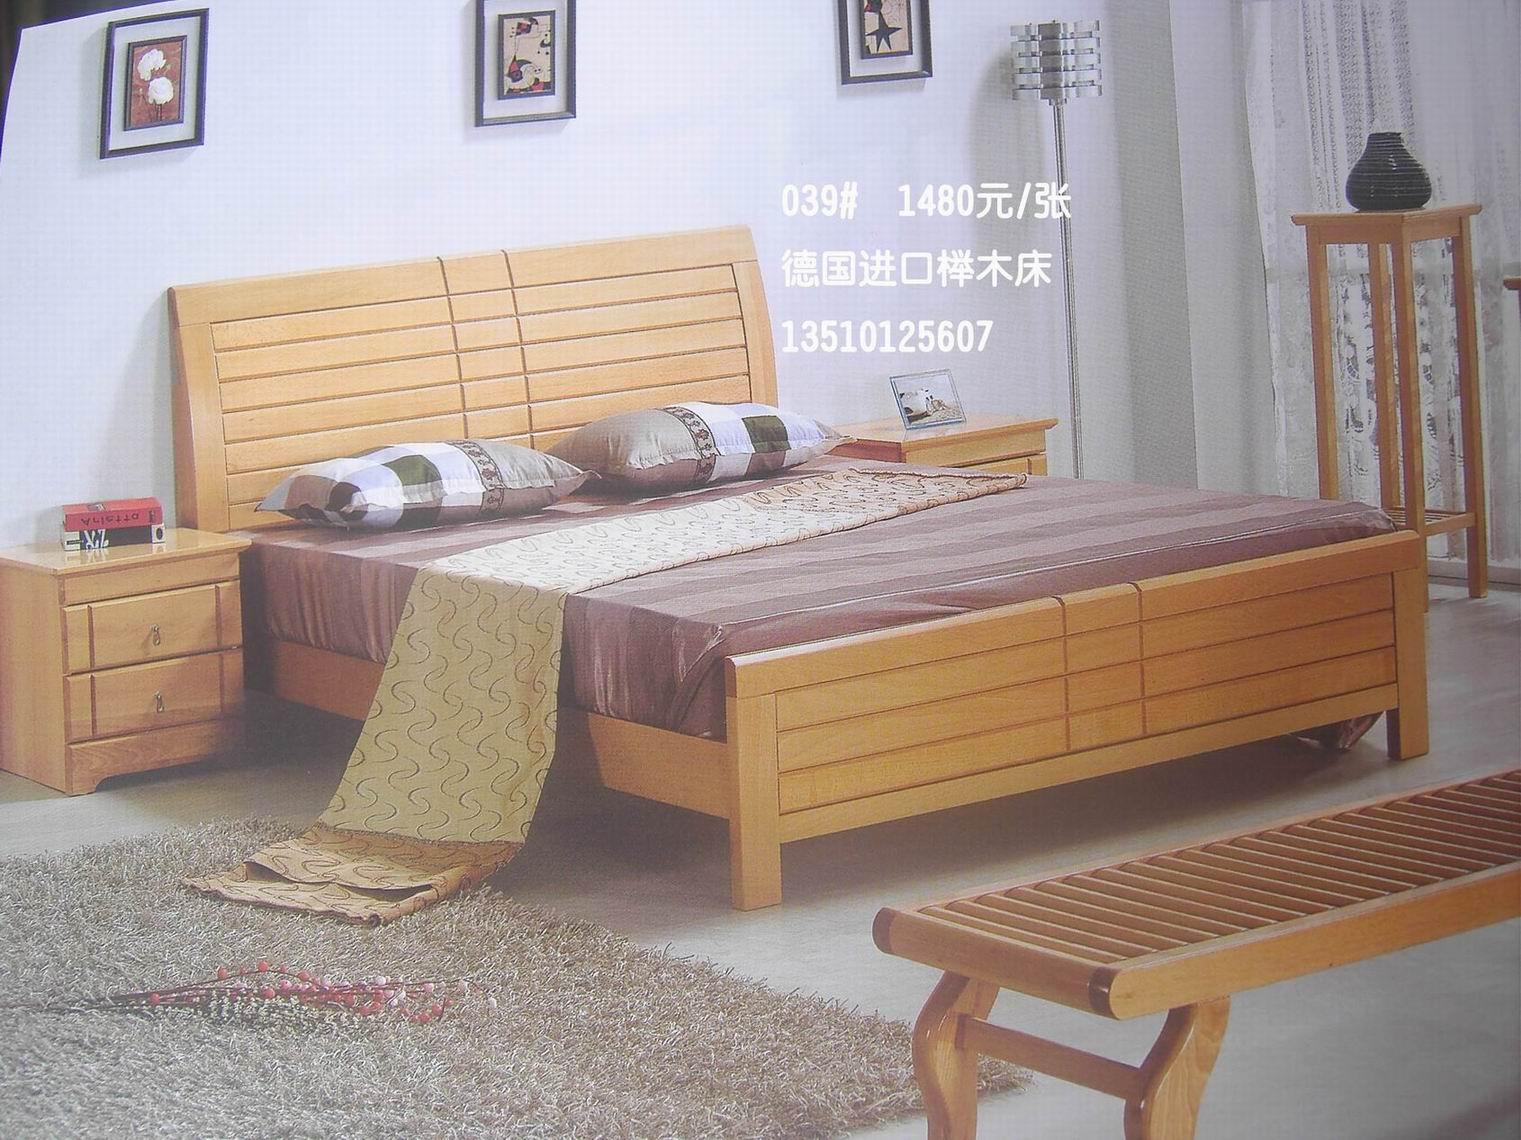 金海马床垫配祺丰德国进口榉木床子母床1980元.